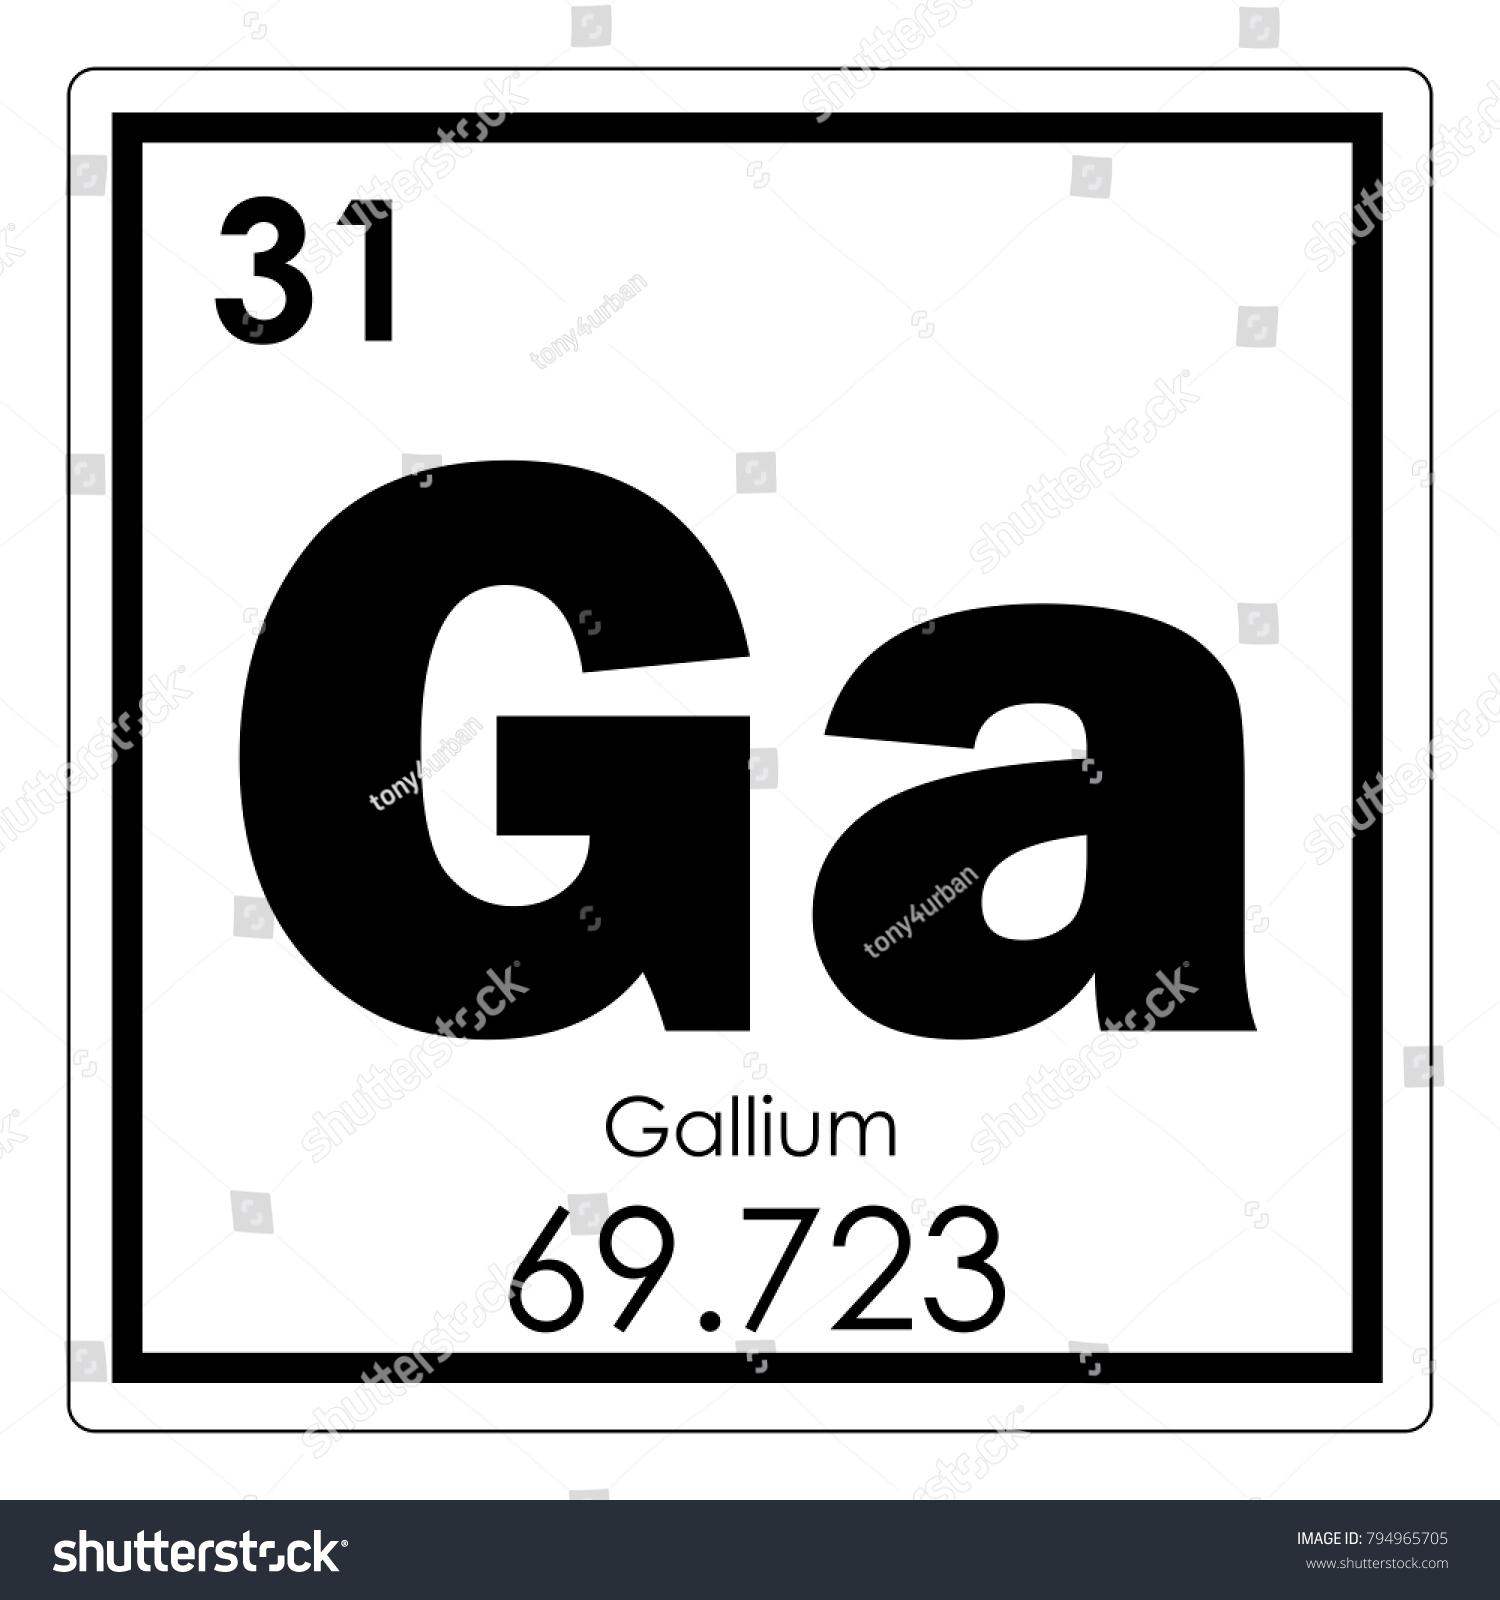 Gallium chemical element periodic table science stock illustration gallium chemical element periodic table science symbol urtaz Image collections